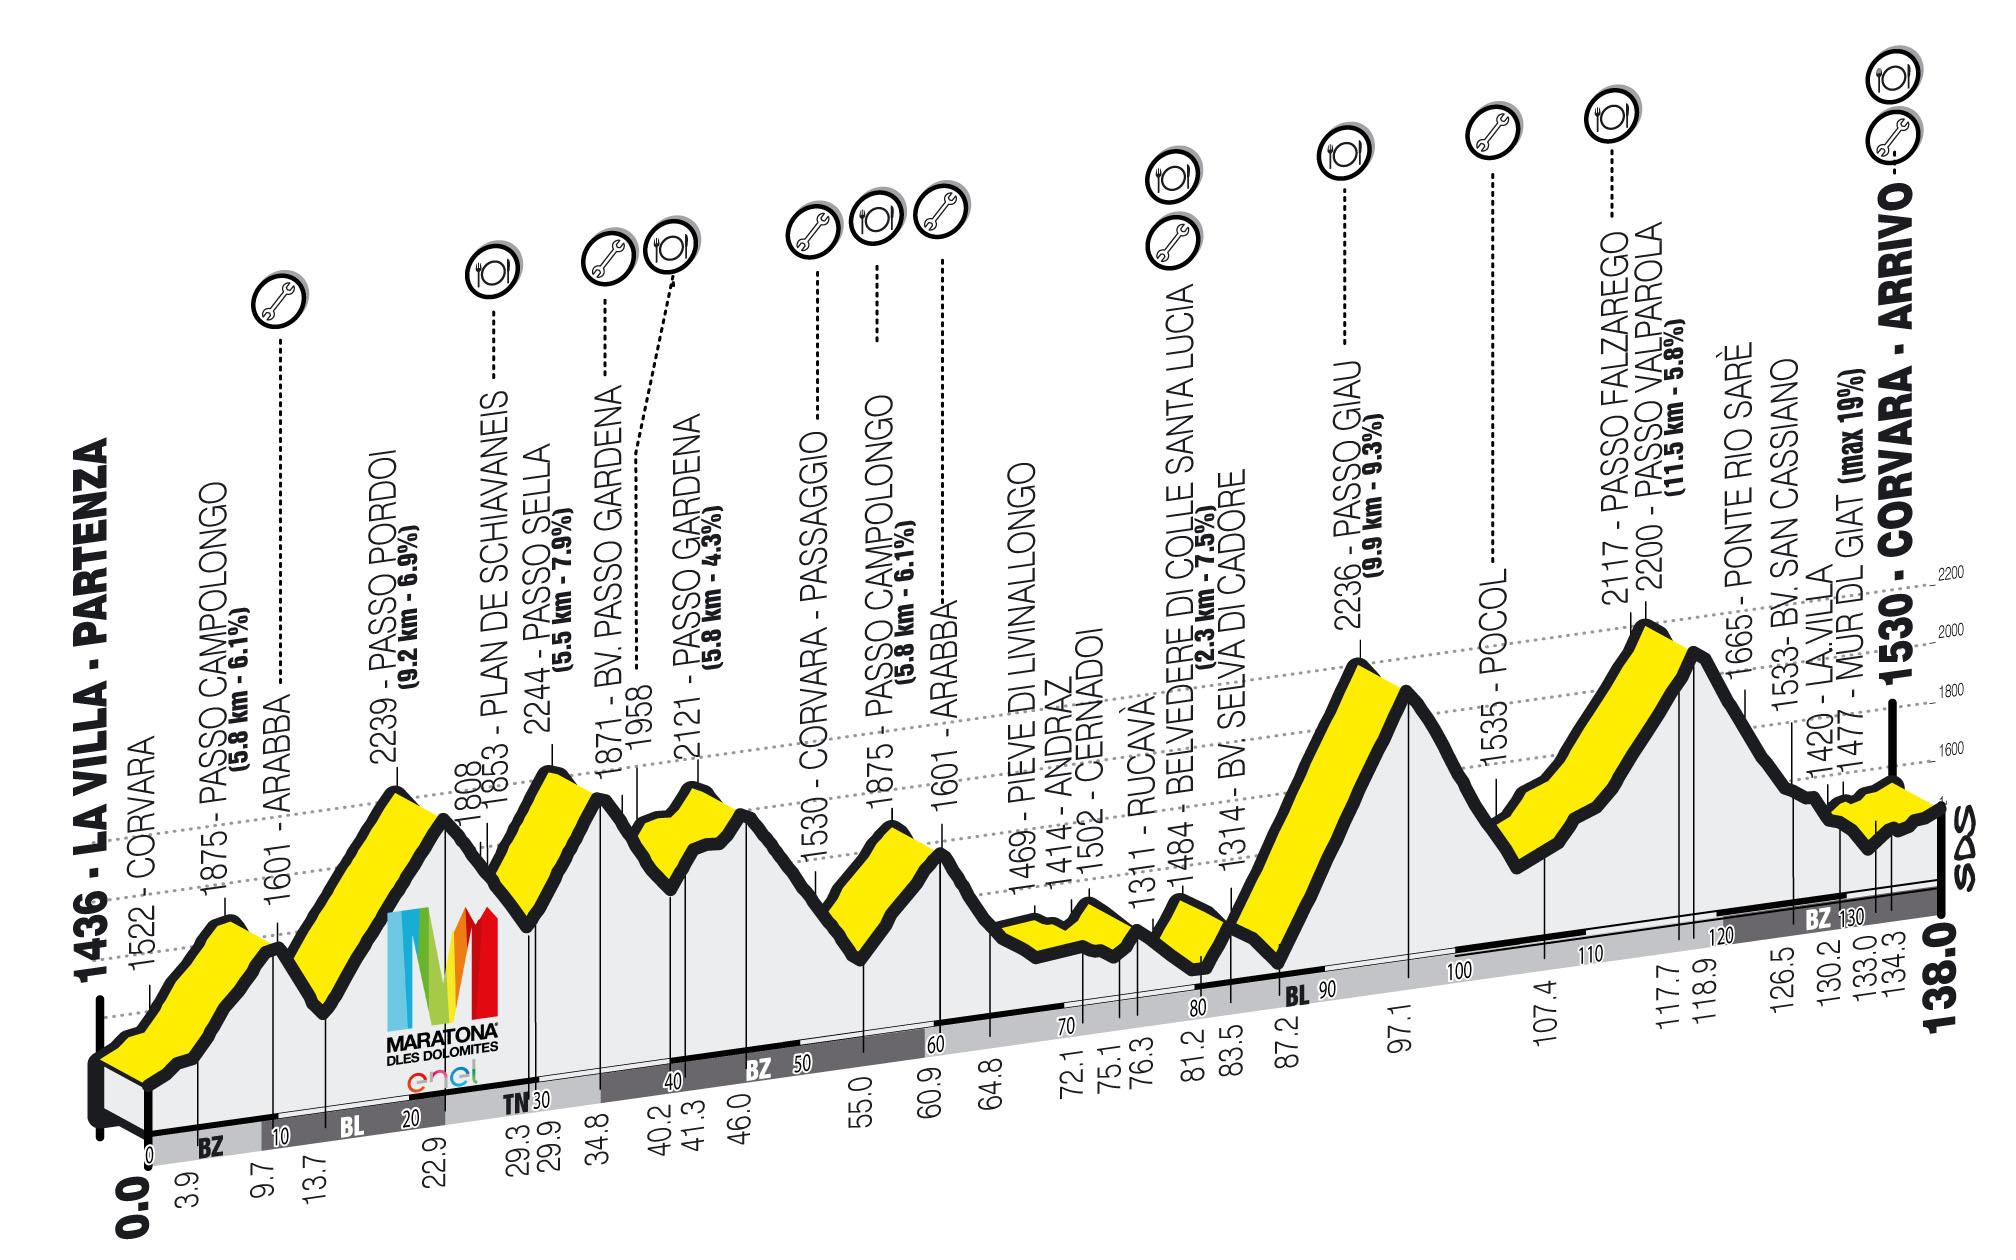 Профиль трассы Maratona dles Dolomites